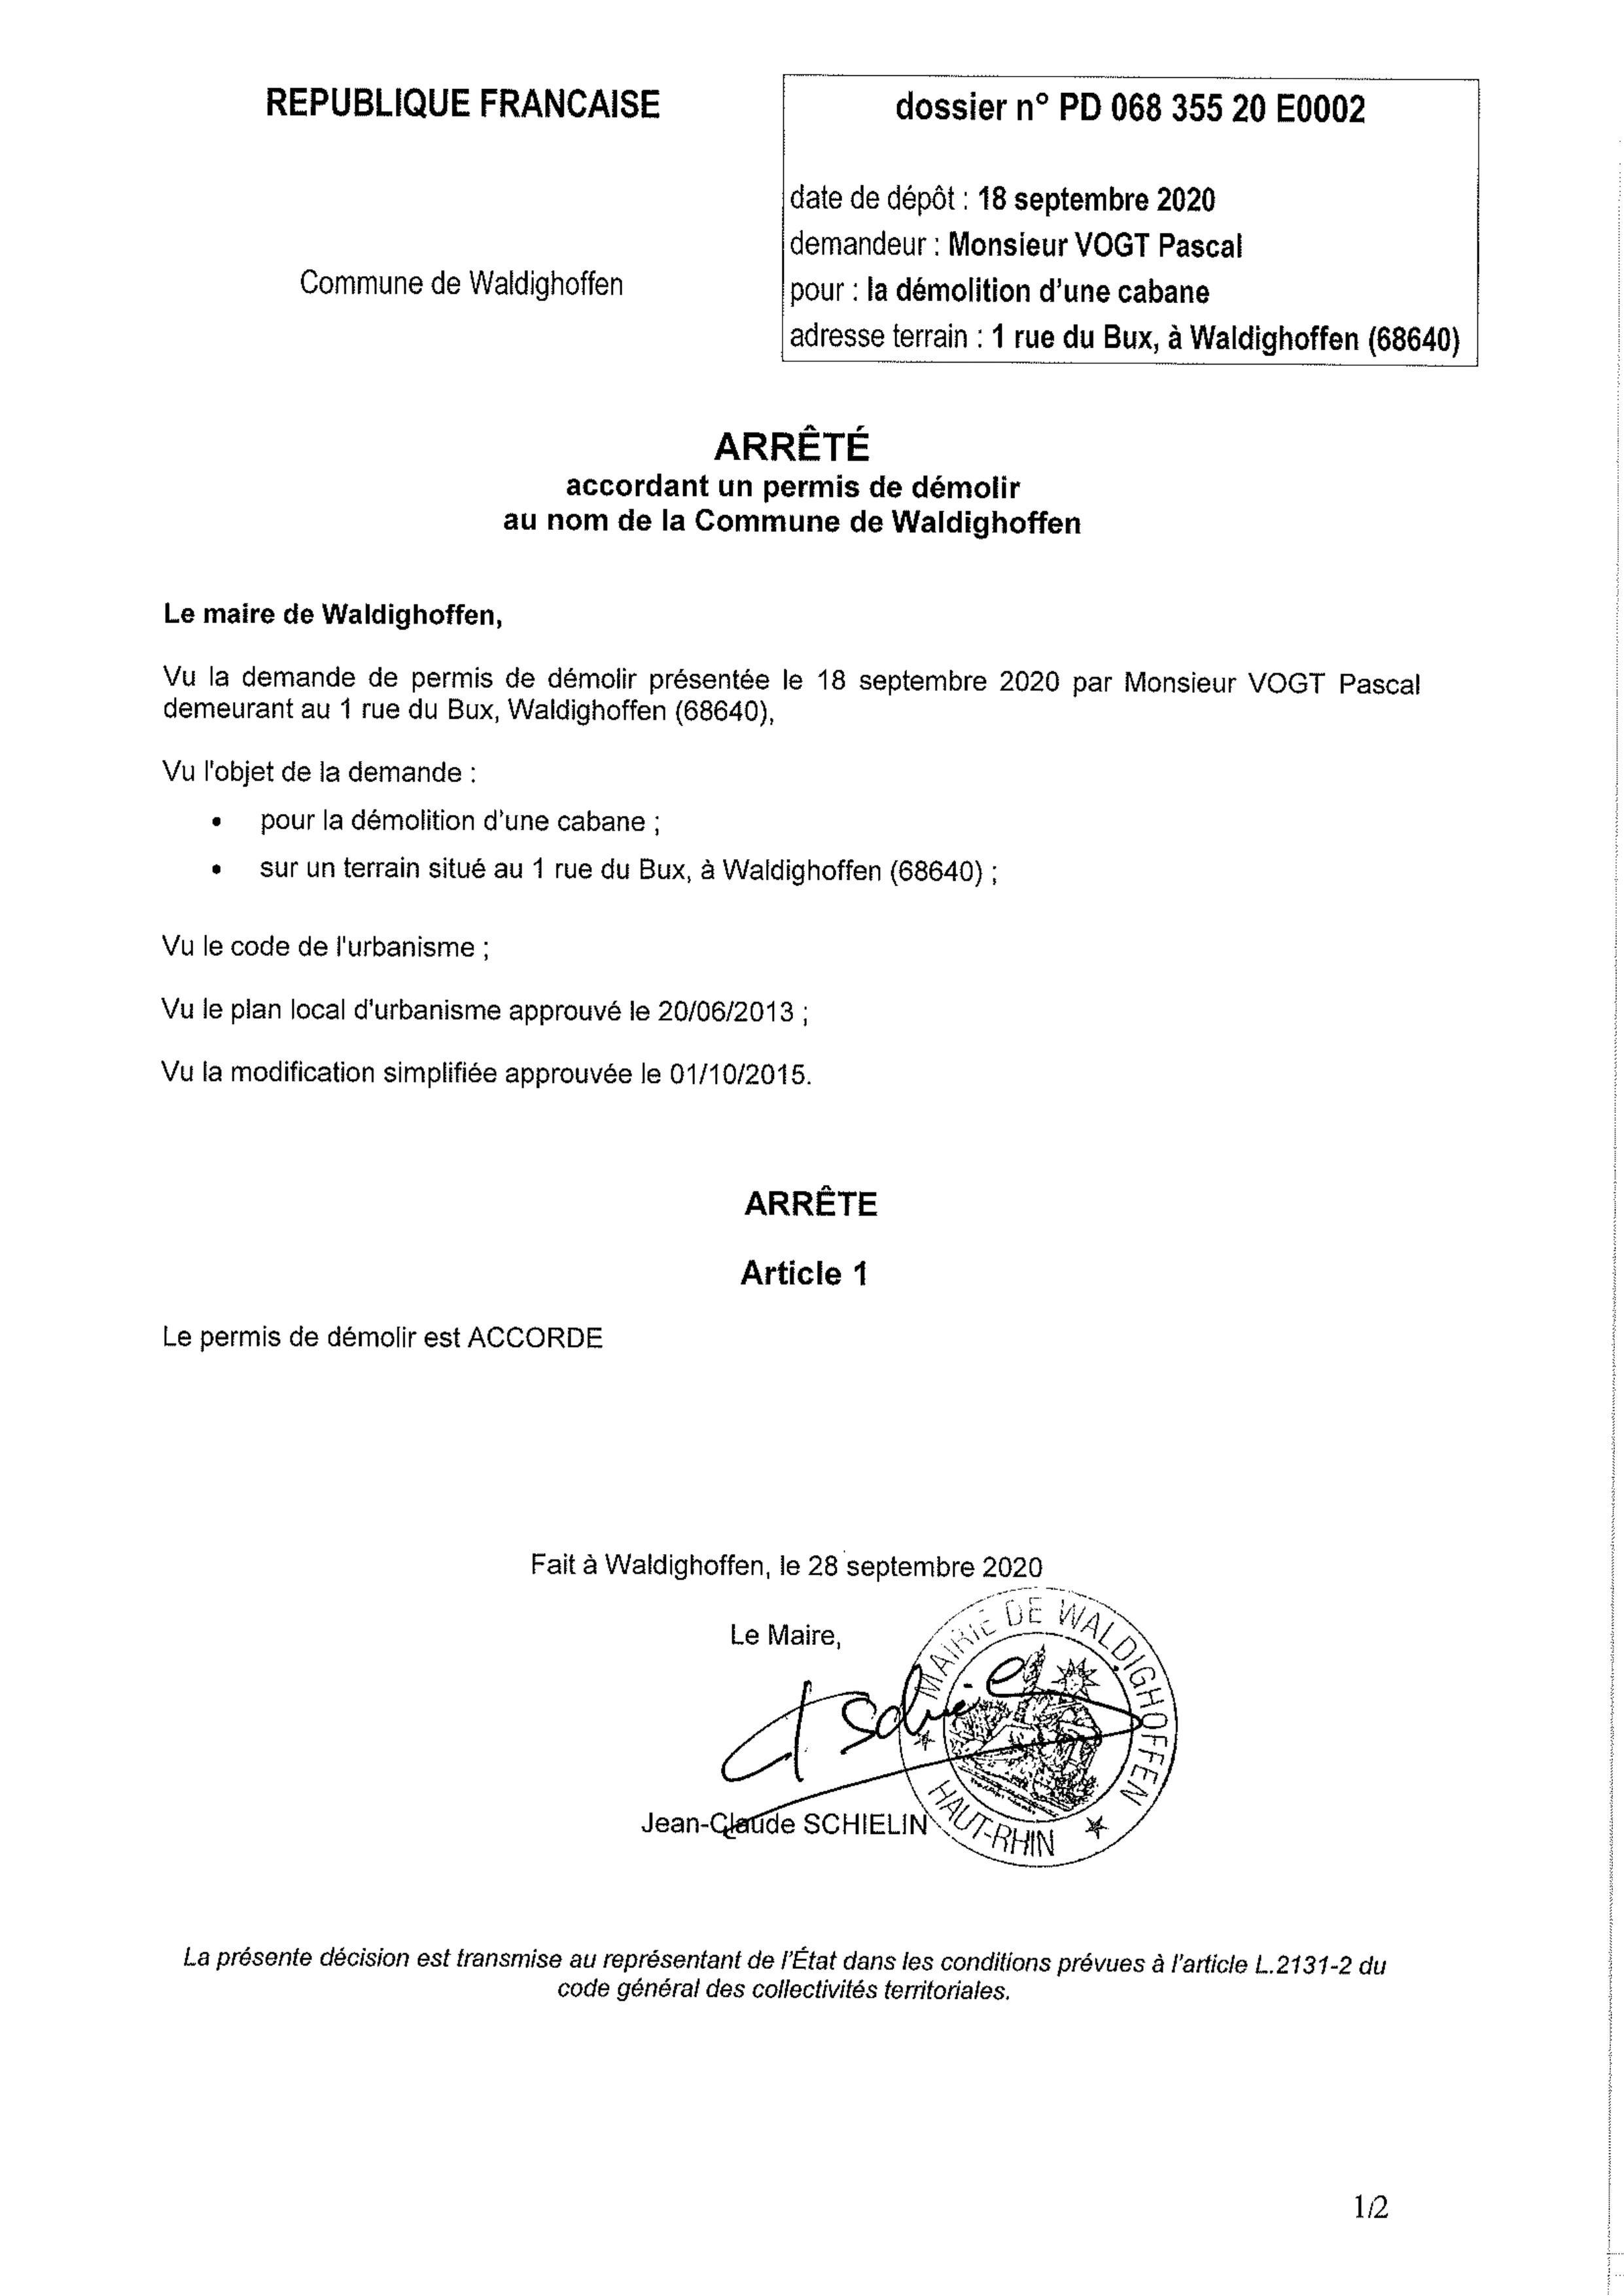 Décision à la demande de permis de démolir de M. Vogt Pascal